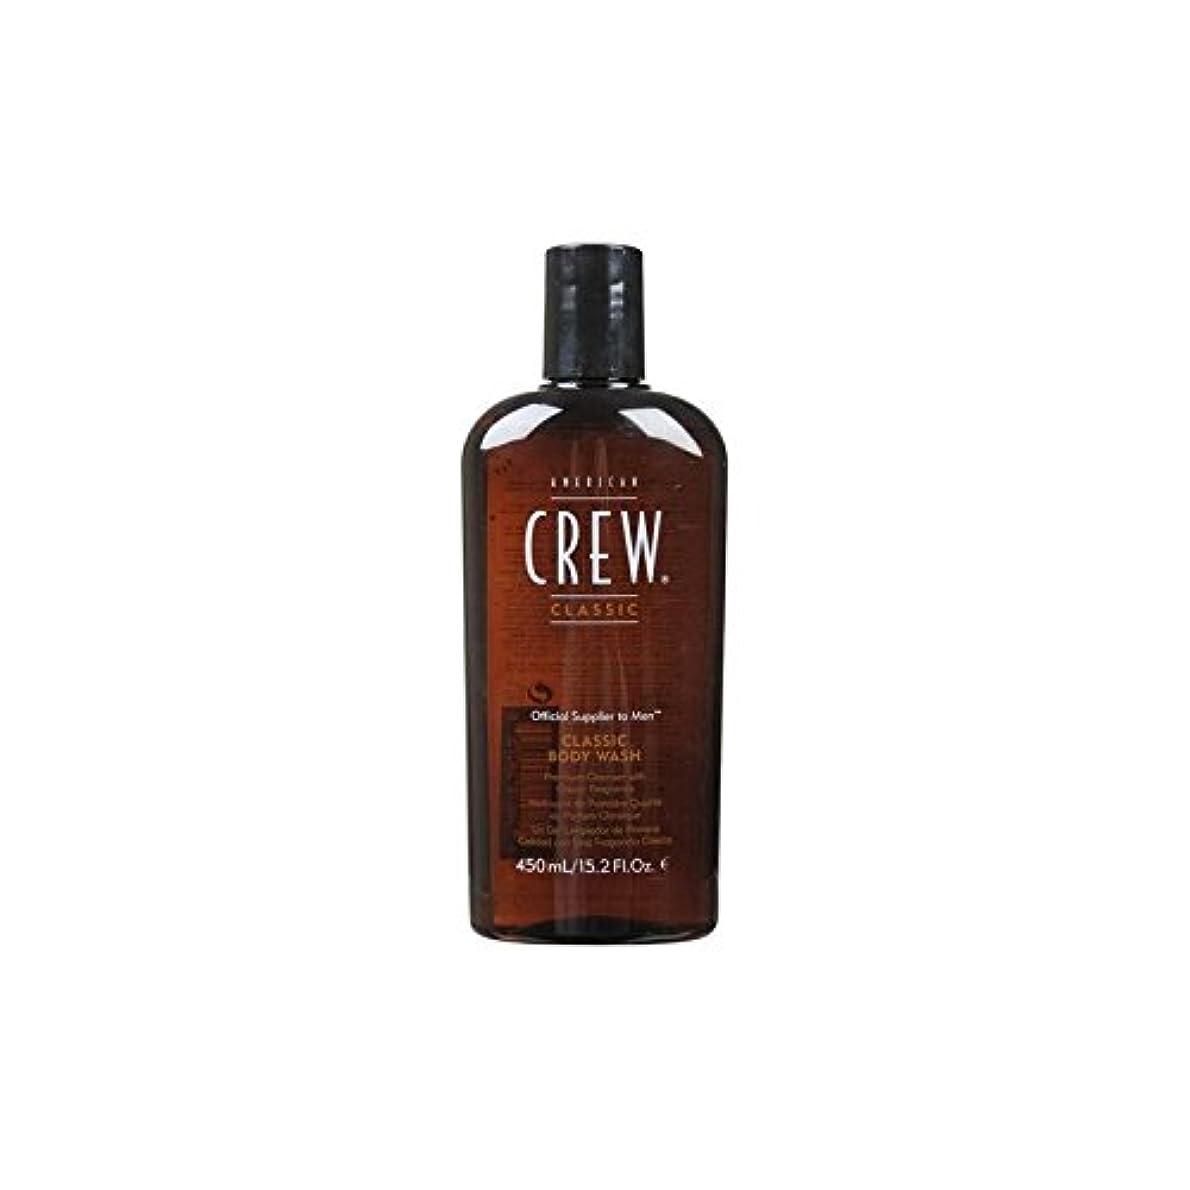 ハンバーガーバング上へAmerican Crew Classic Body Wash (450ml) (Pack of 6) - アメリカンクルークラシックなボディウォッシュ(450ミリリットル) x6 [並行輸入品]